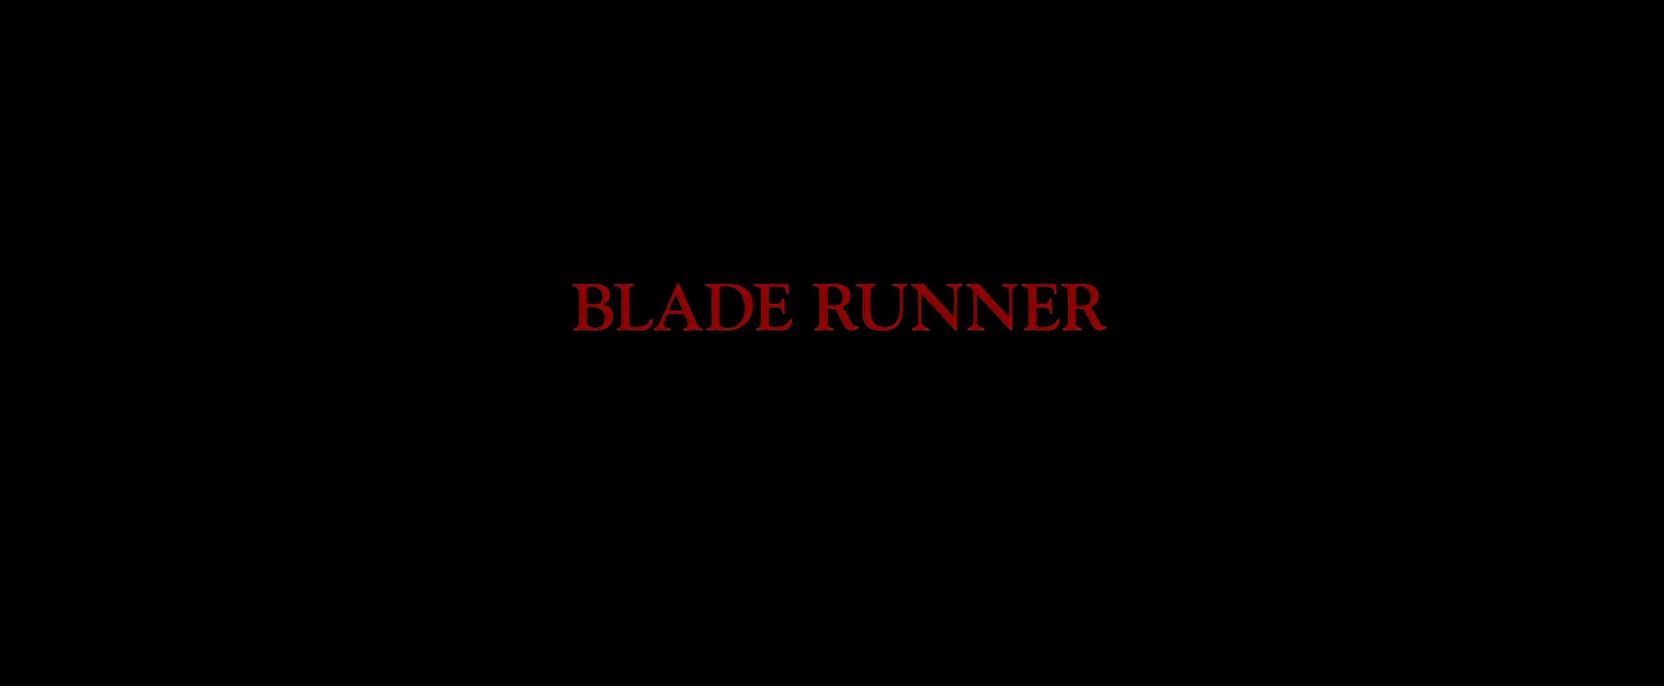 Blade Runner Title